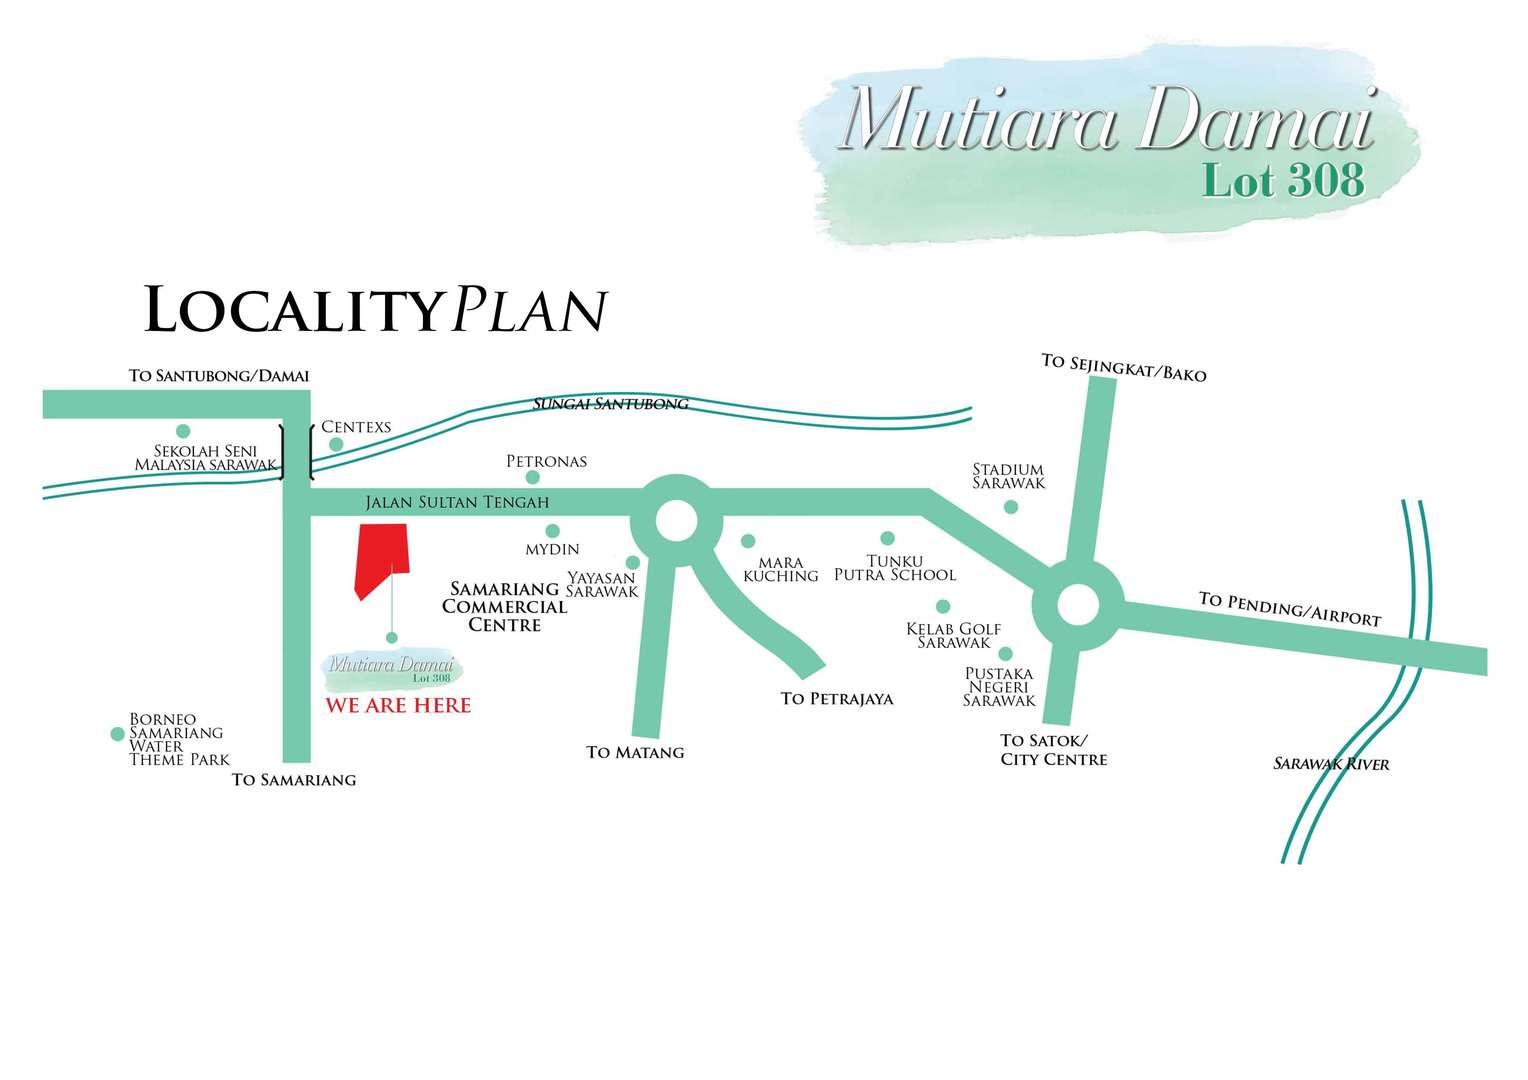 Map of Mutiara Damai Lot 308